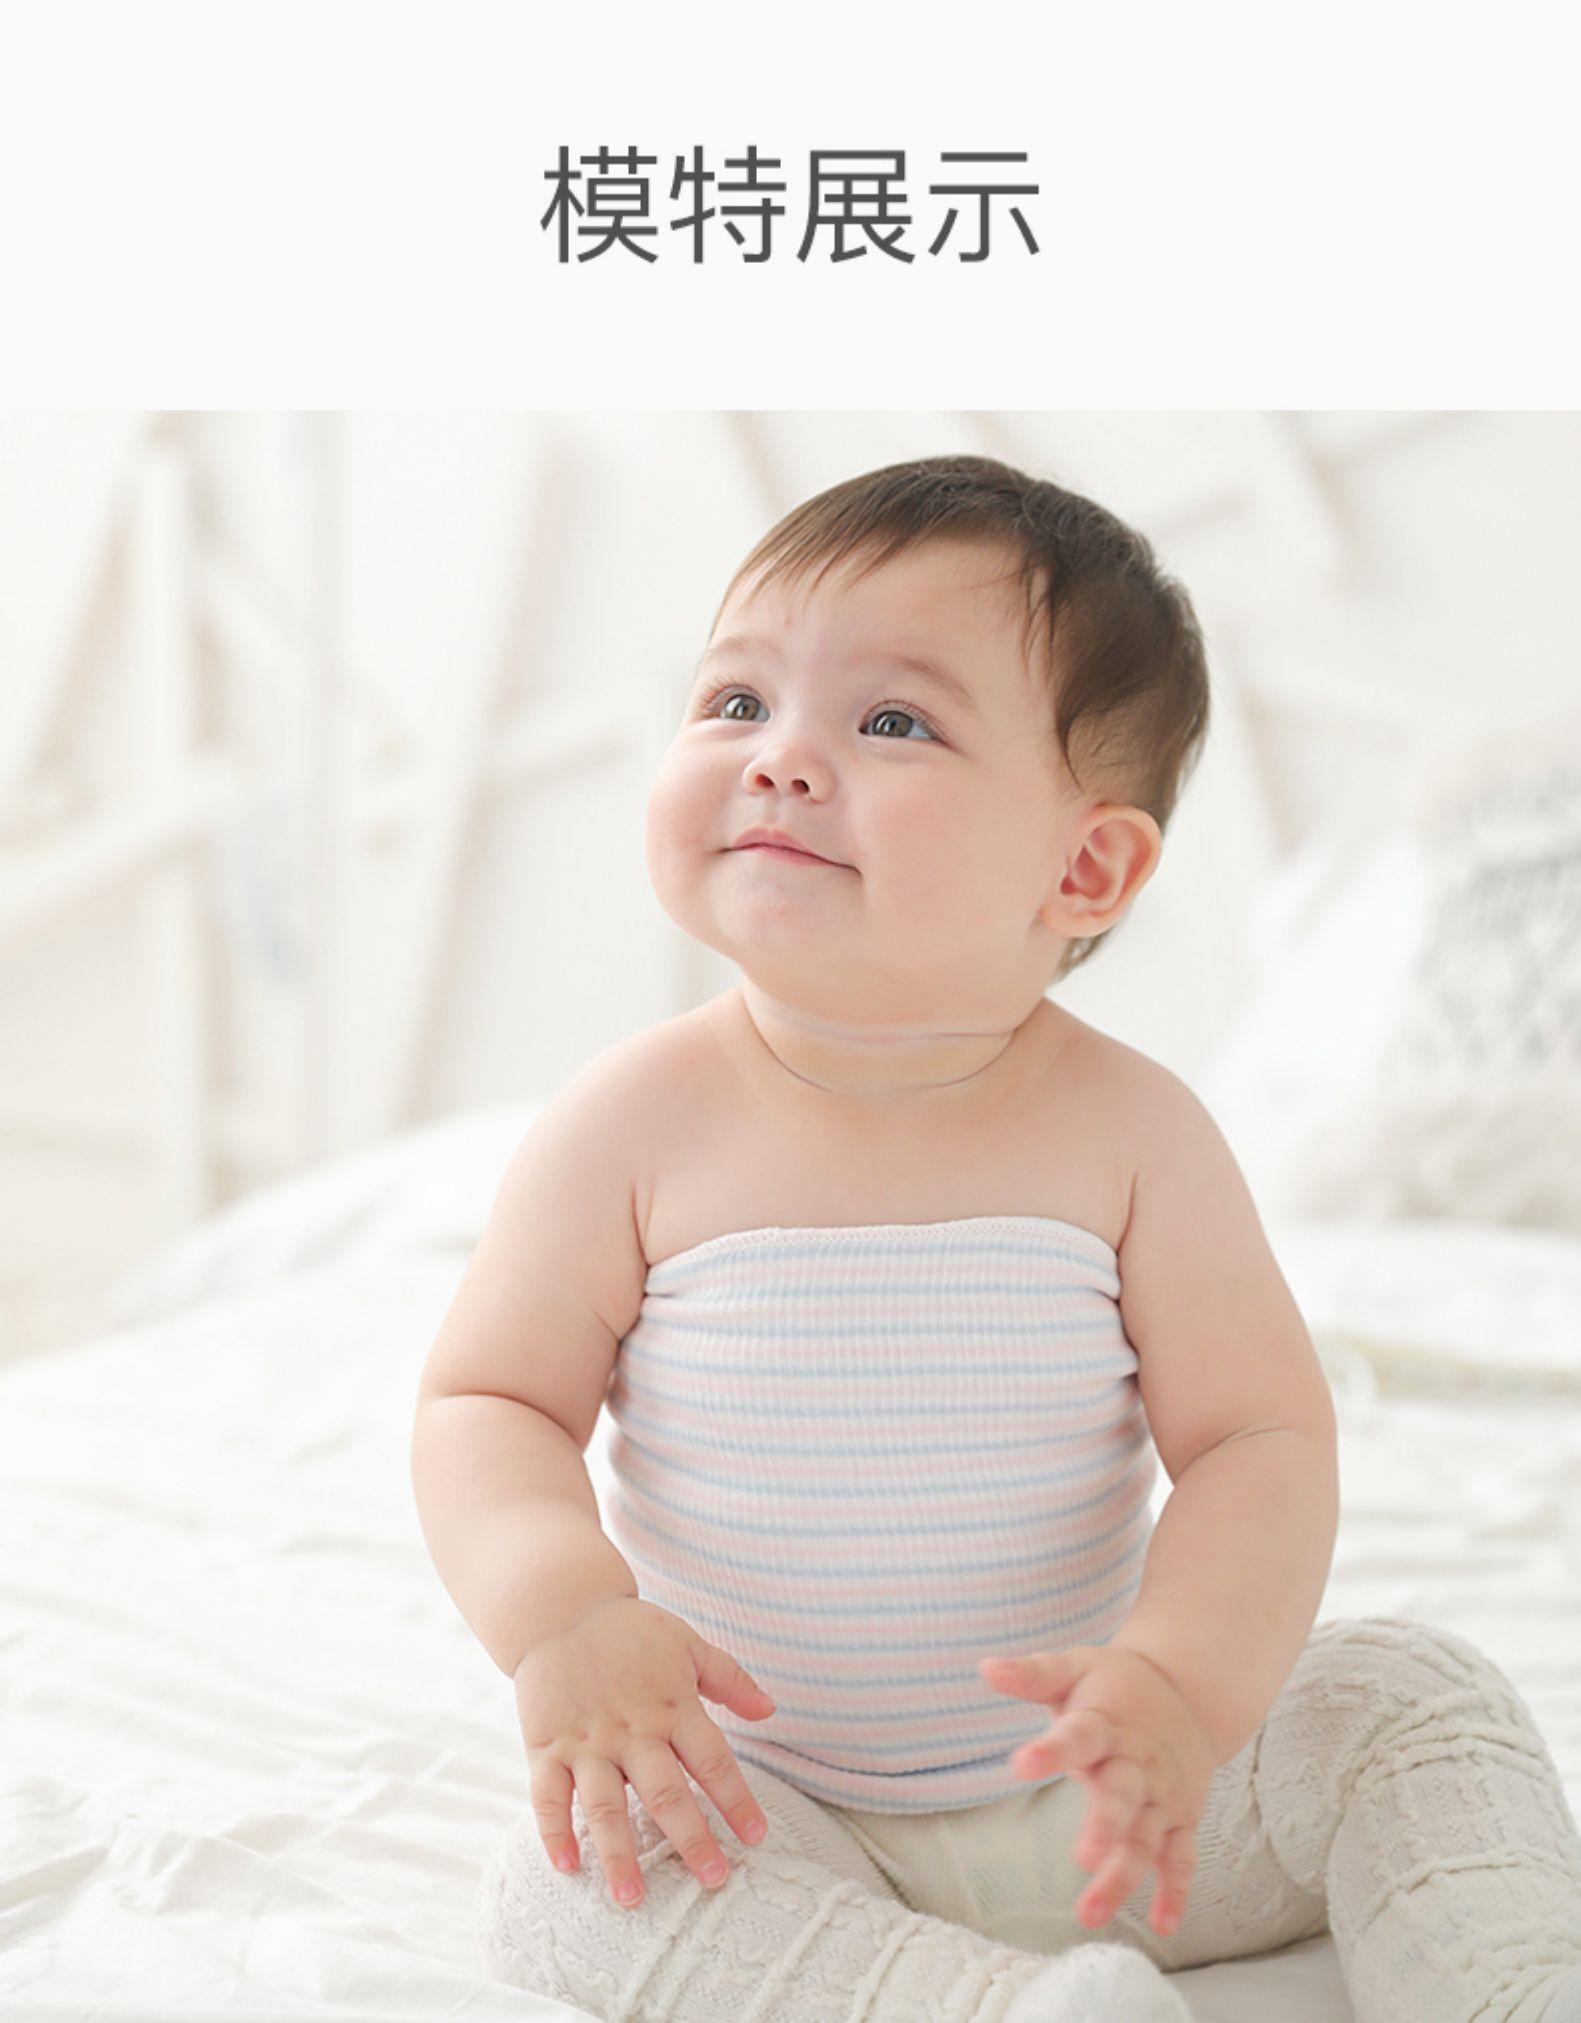 宝宝护肚围纯棉新生儿肚脐裹腹围防踢婴儿护肚子神器肚兜秋冬厚款详细照片